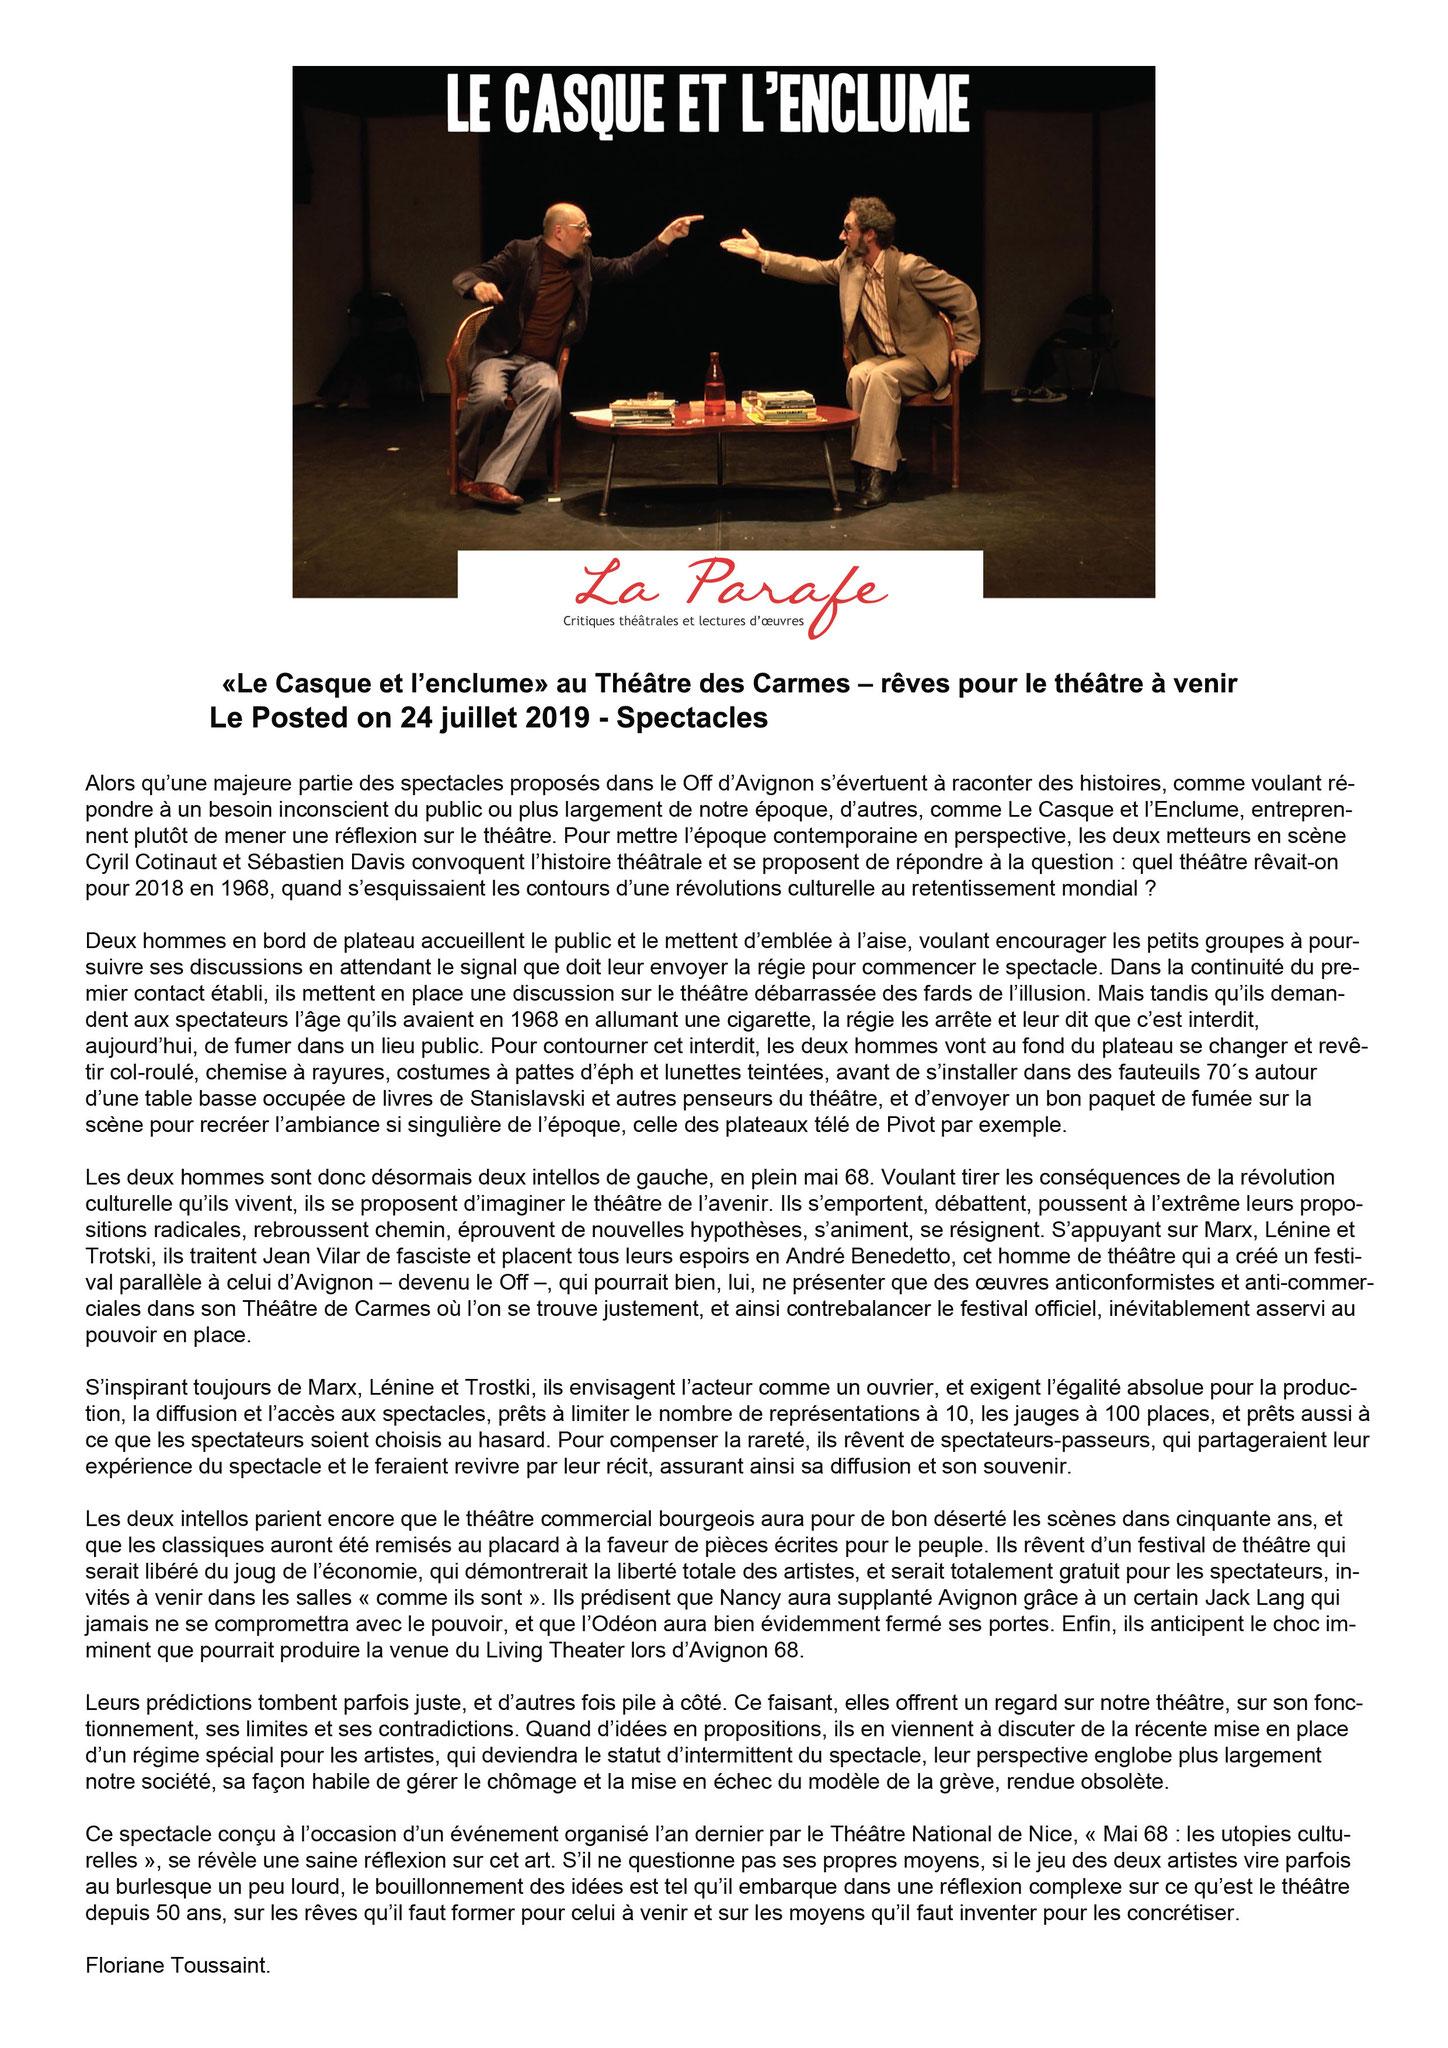 LA PARAFE - Floriane Toussaint - Juillet 2019